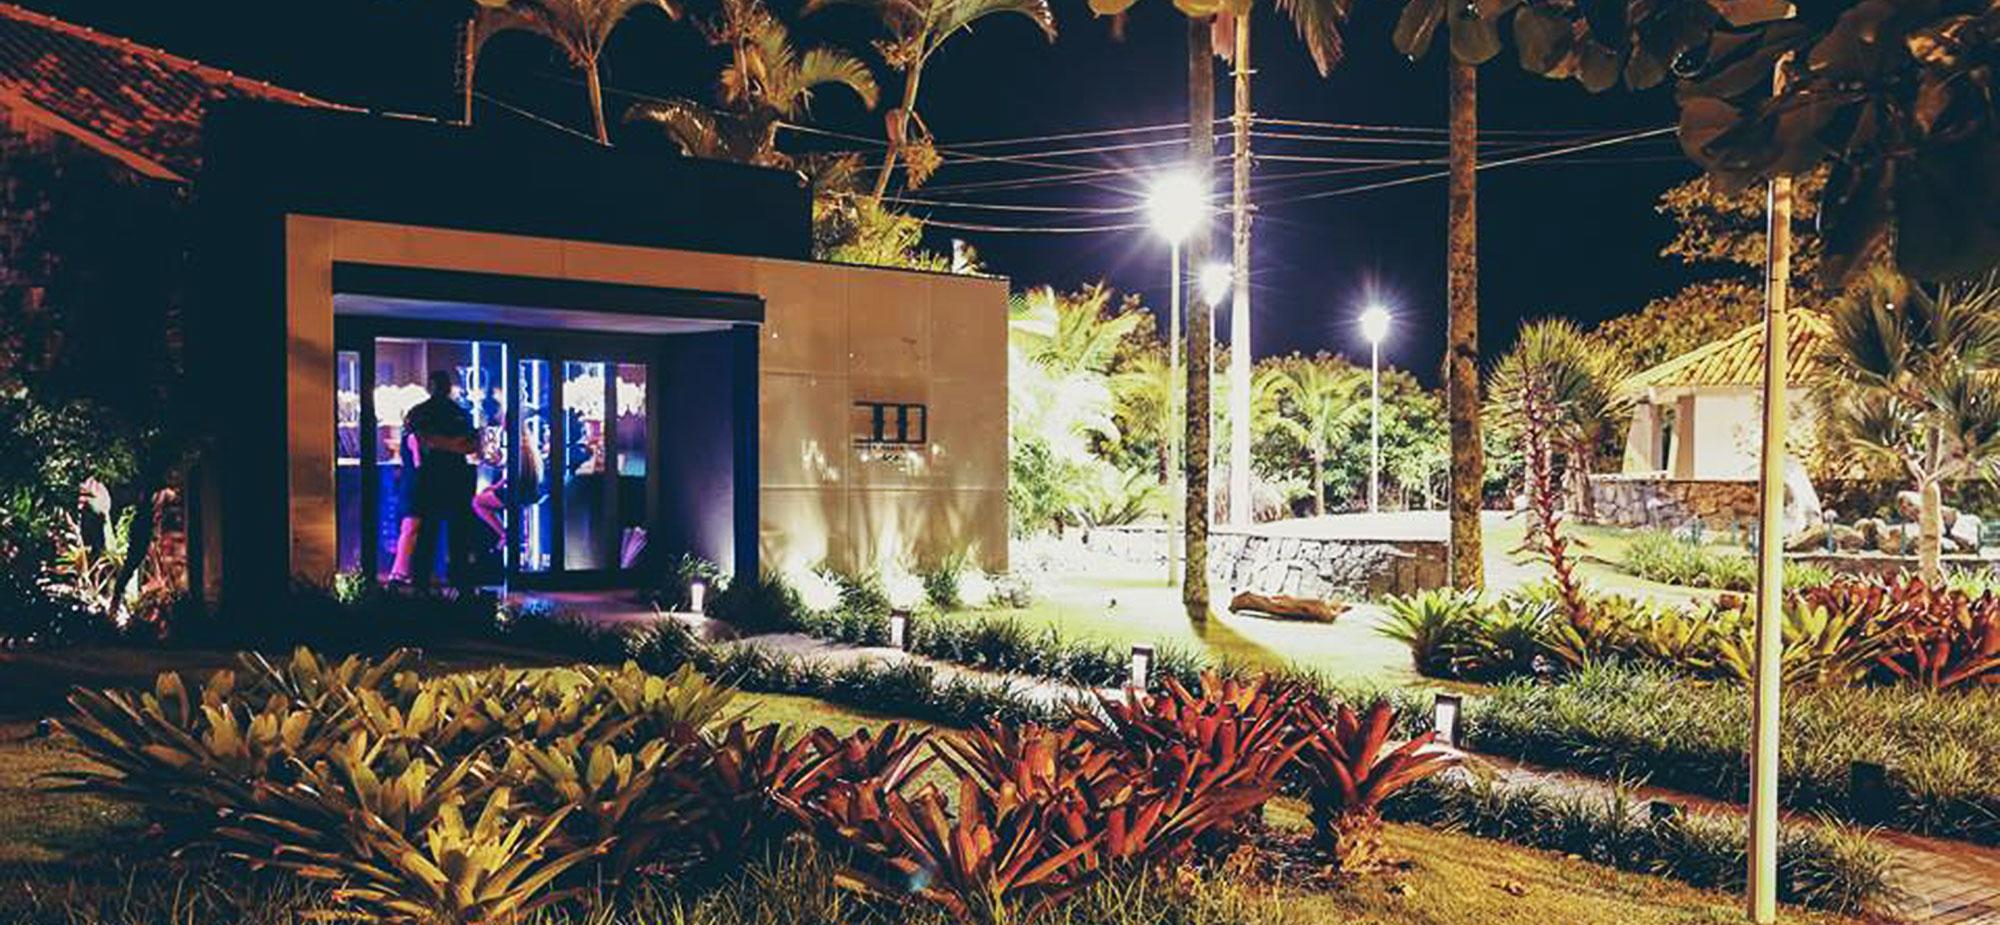 300 cosmo beach club em jurere internacional florianopolis - o que fazer alem das praias